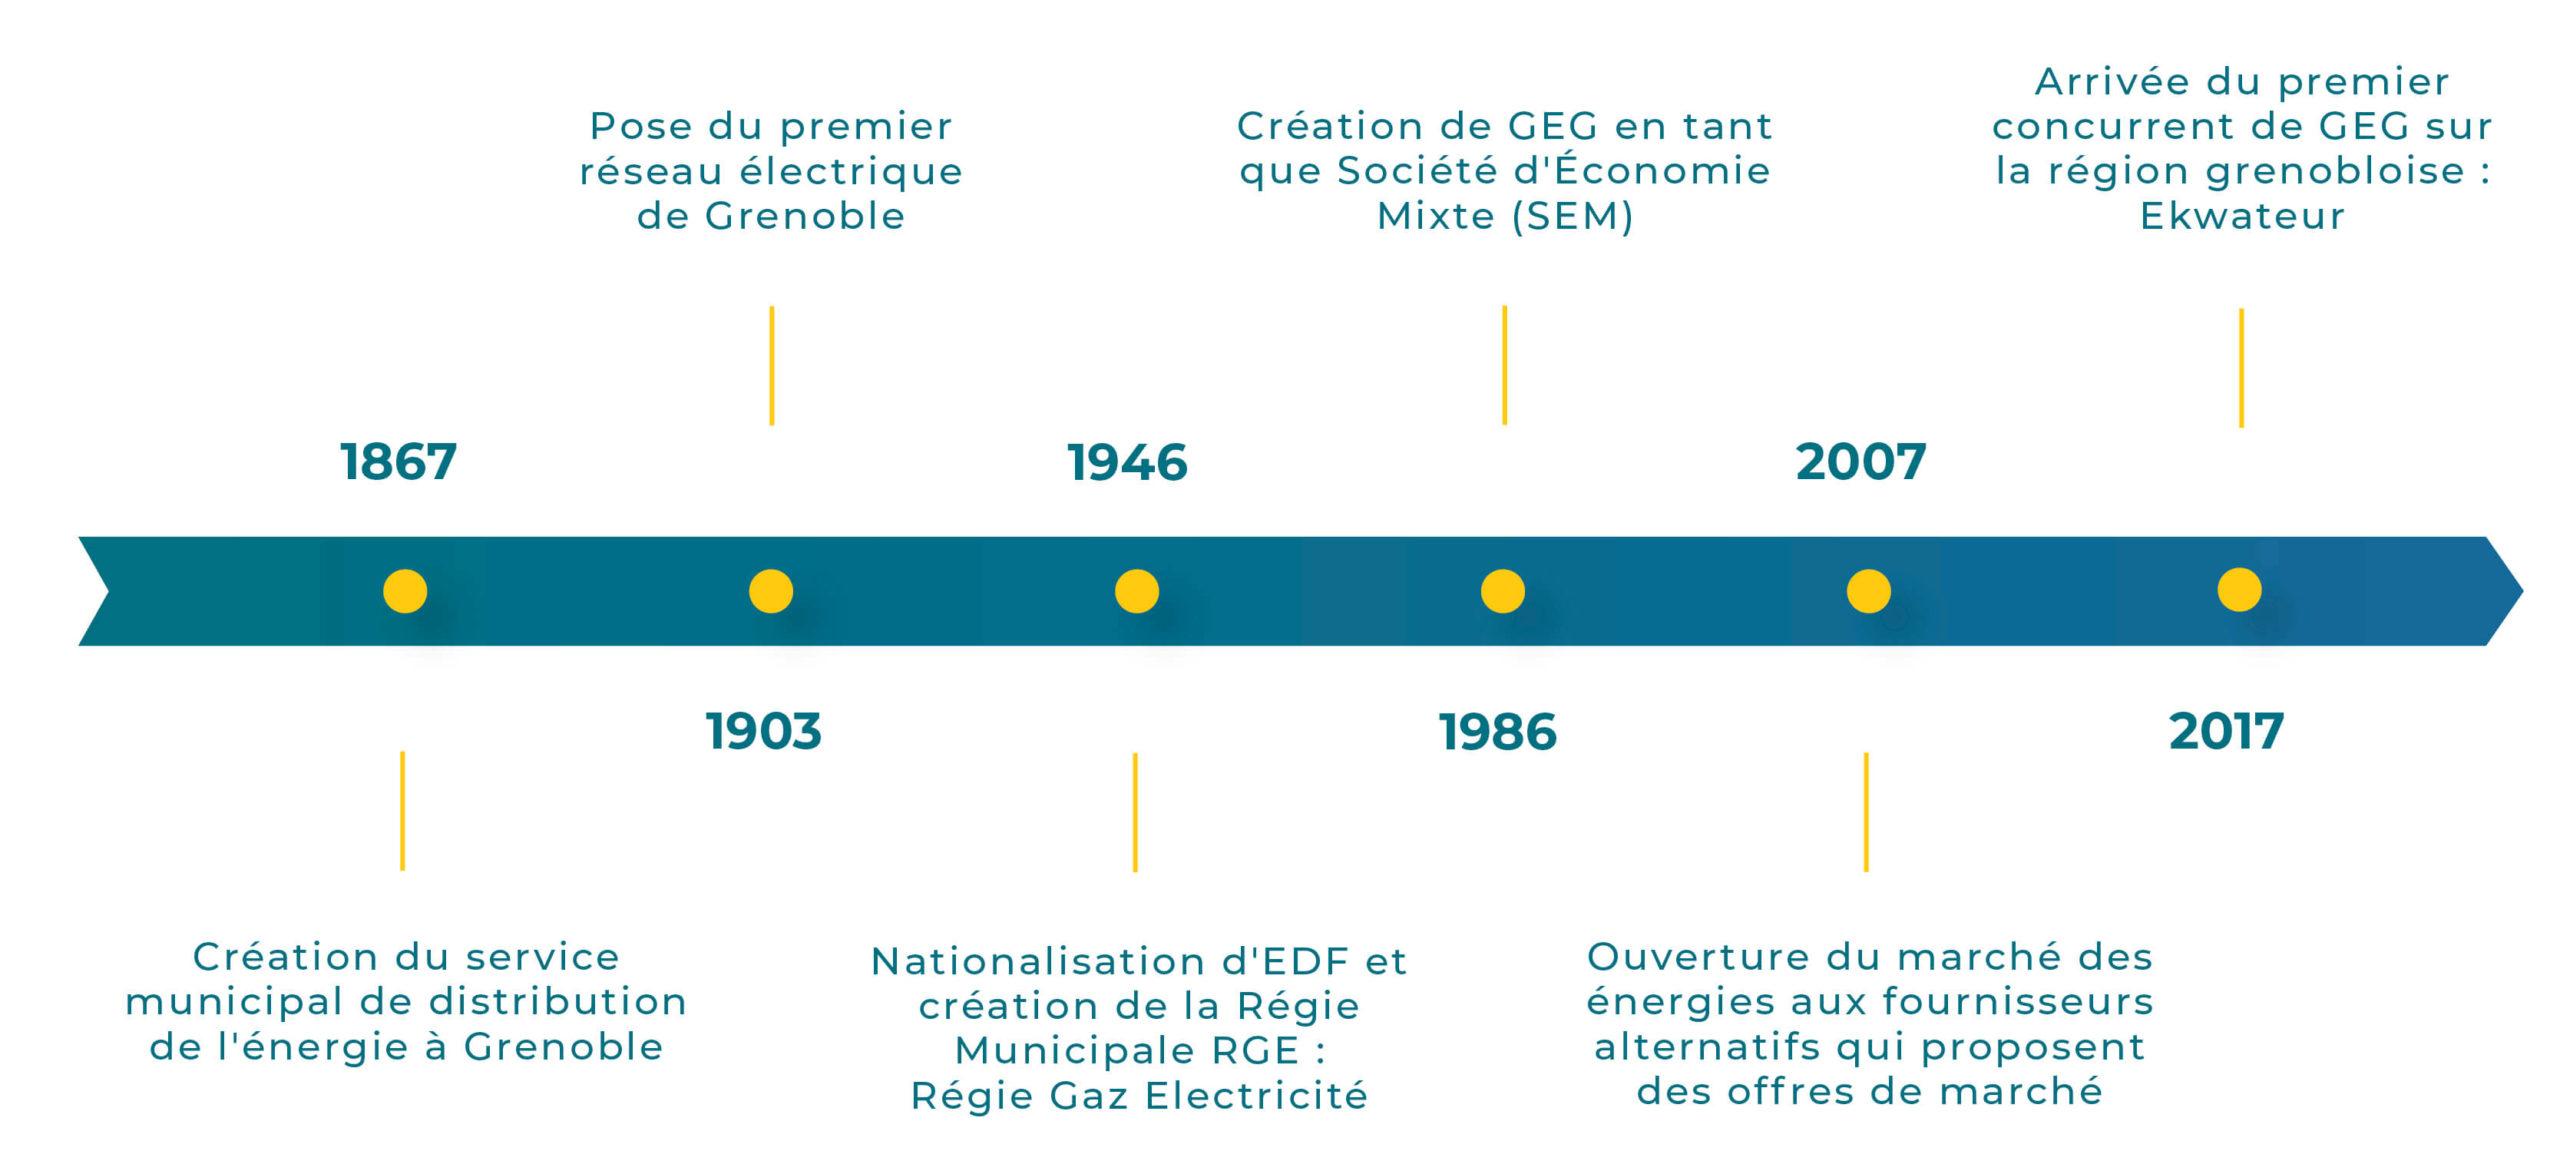 Historique de l'électricité à Grenoble